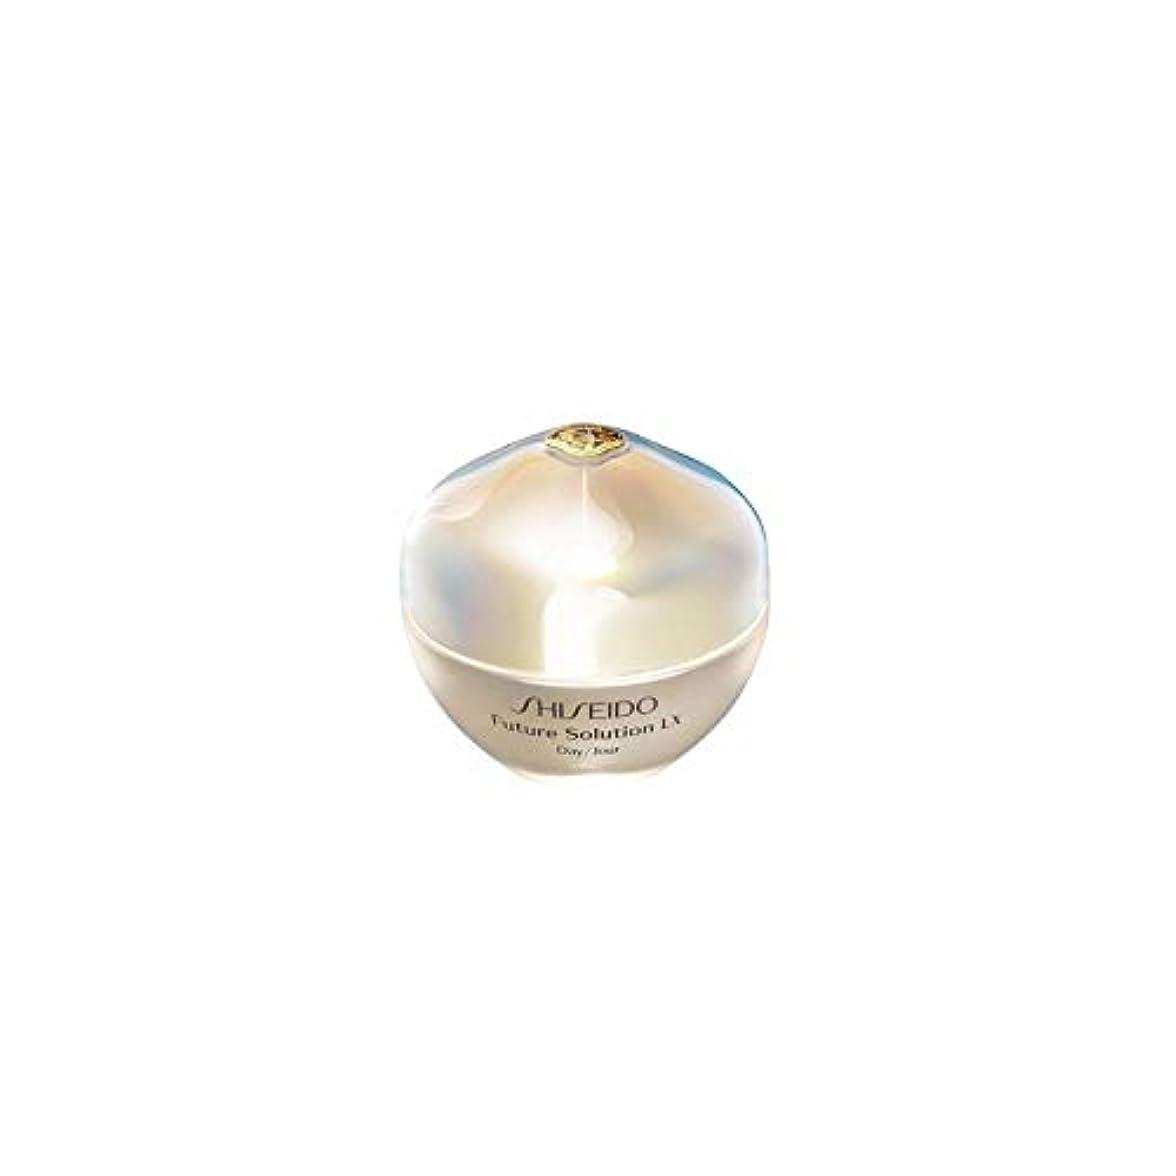 給料五十熟練した[Shiseido] 資生堂Sfs Lx合計保護クリーム(50Ml)中 - Shiseido Sfs Lx Total Protective Cream (50ml) [並行輸入品]